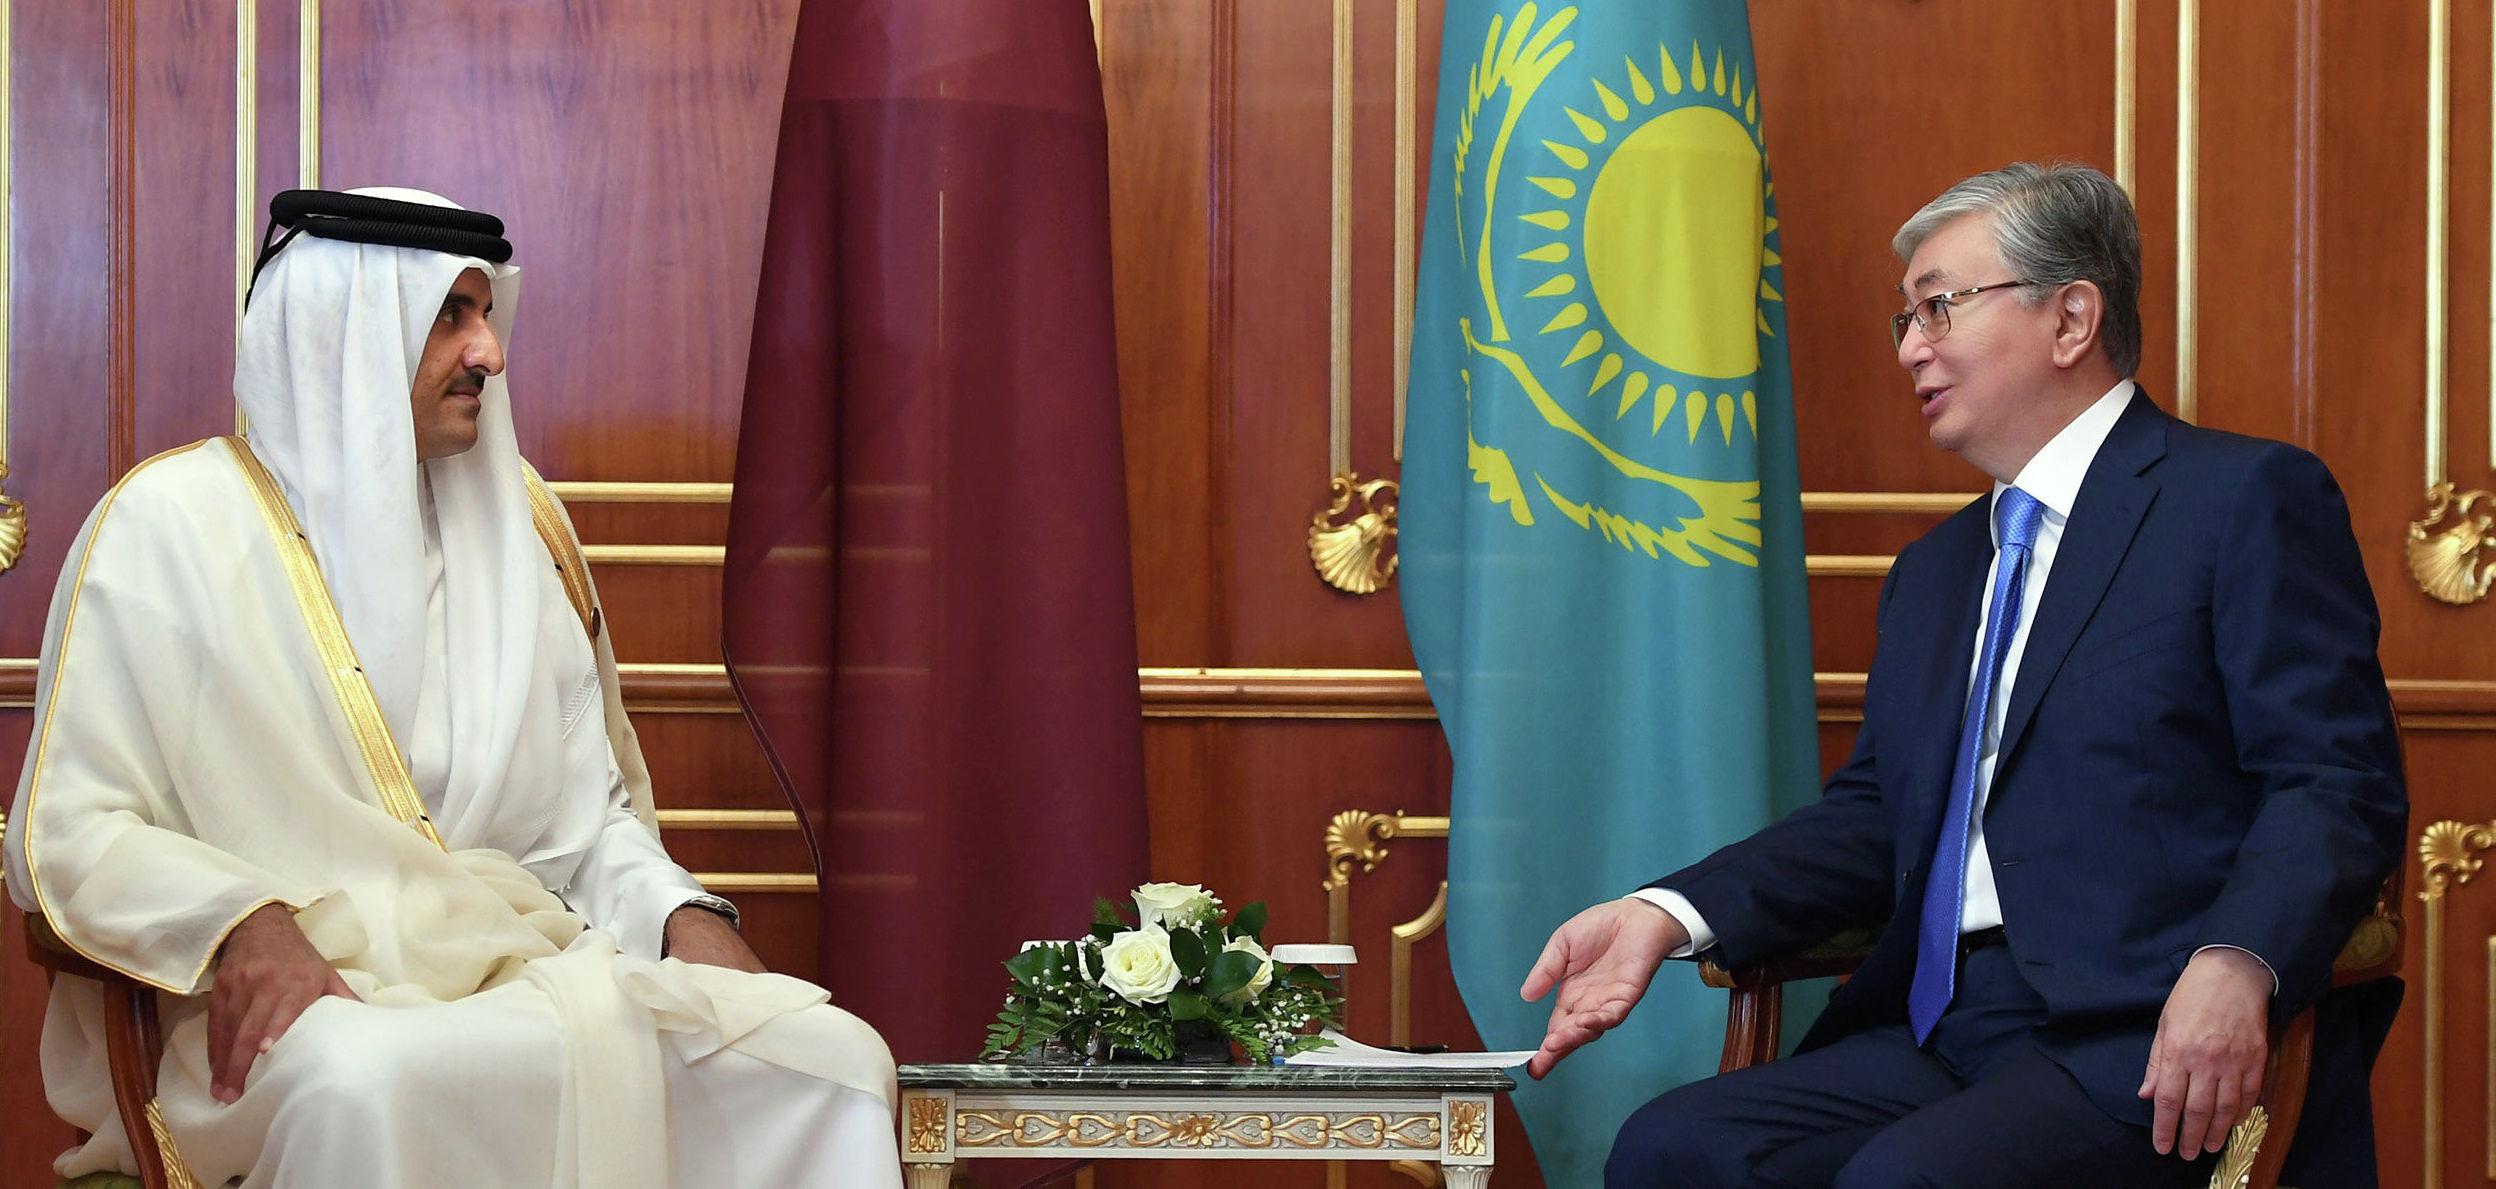 Президент Казахстана Касым-Жомарт Токаев на встрече с Эмиром Катара Тамимом бен Хамадом Аль Тани